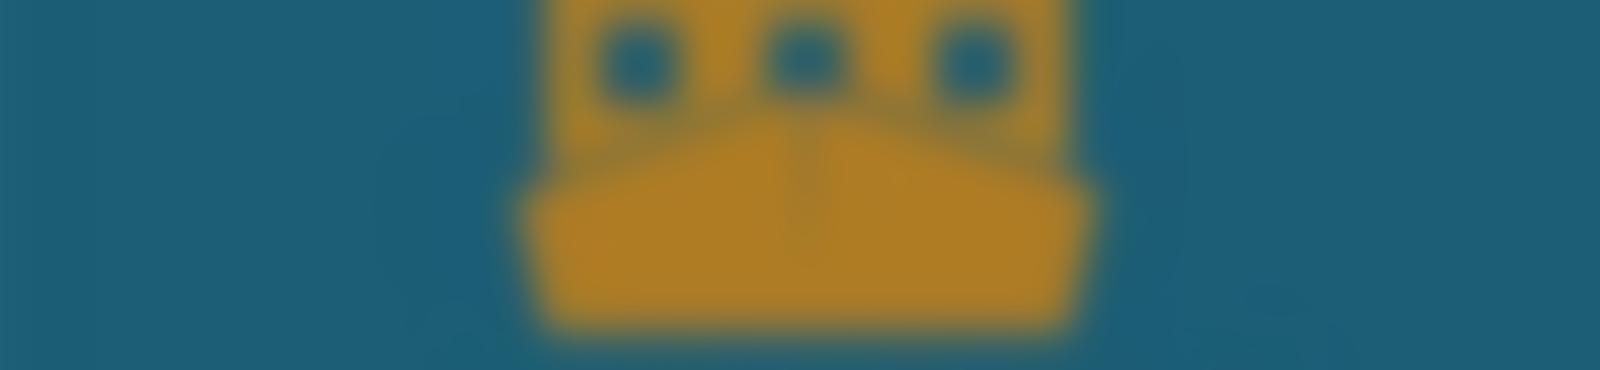 Blurred 0c8b4d5f 0c60 4be4 81e7 49b2922d7de7